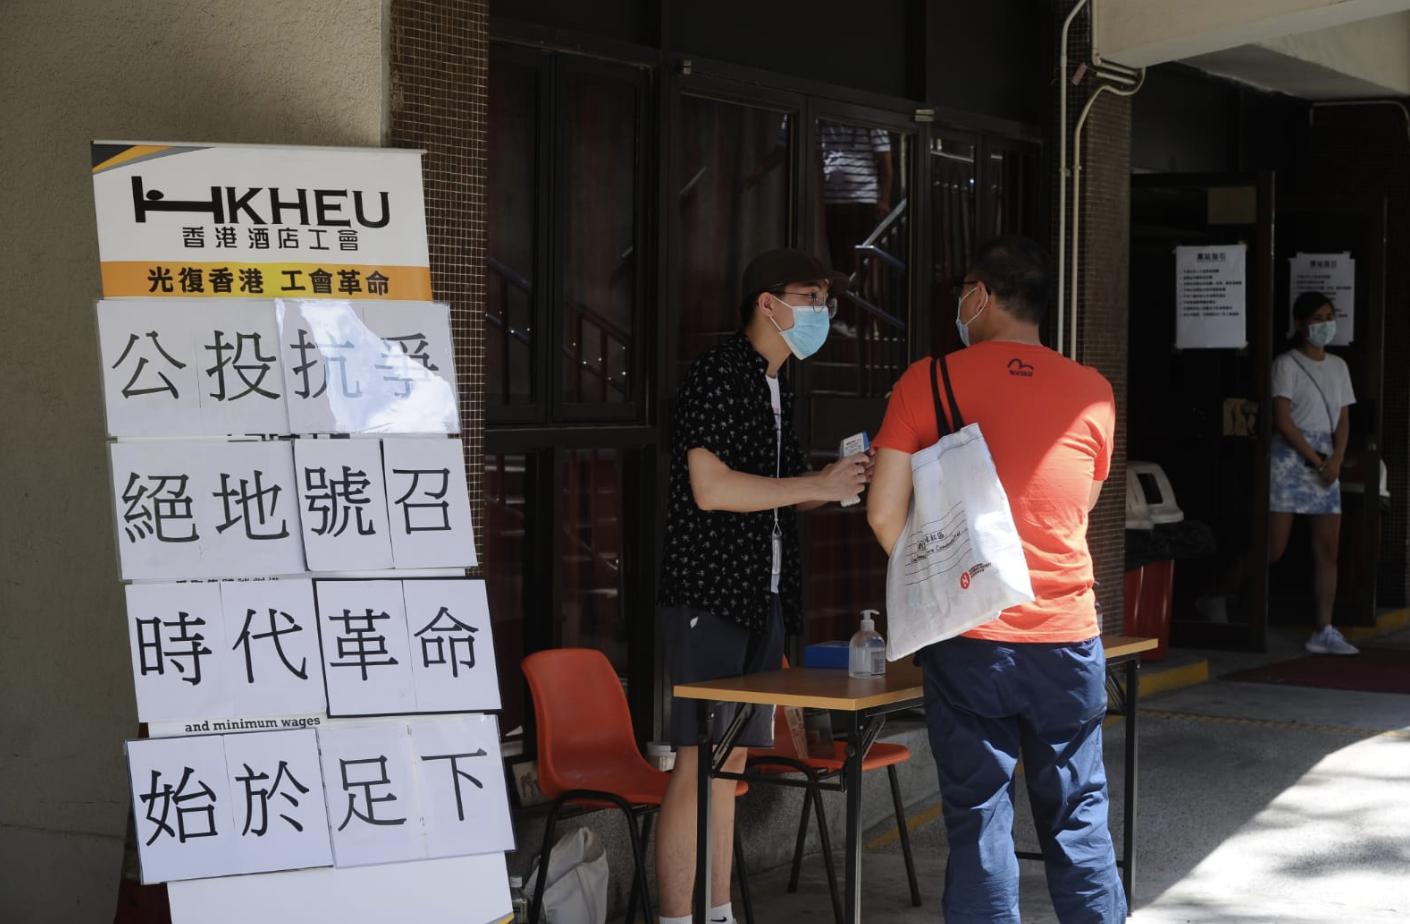 投票站有工會宣傳板,寫著「光復香港 工會革命」。(宋碧龍/大紀元)